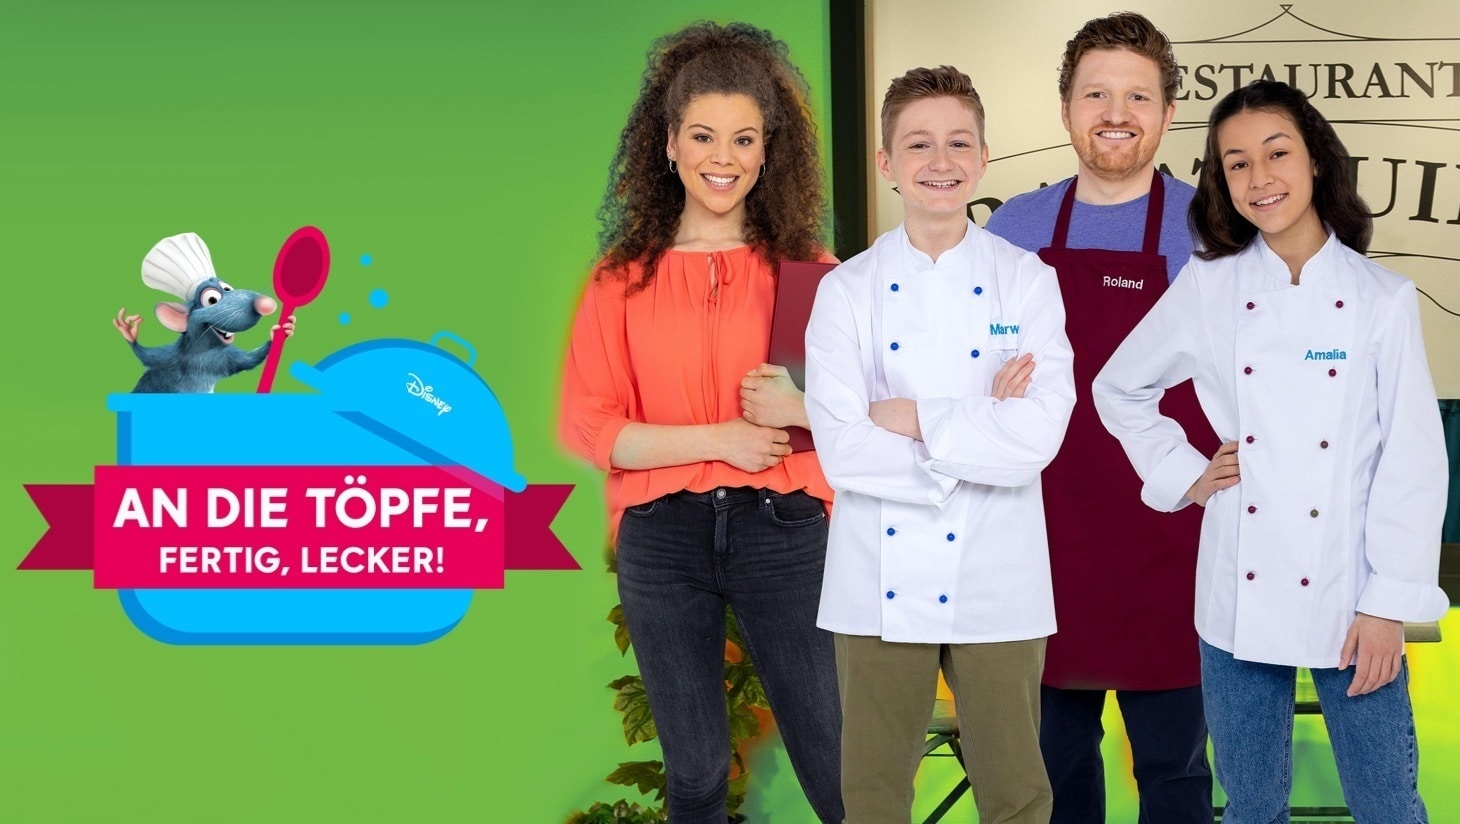 """Luna, Marwin, Roland und Amalia vor dem Restaurant Ratatouille, grüner Hintergrund, Ratte mit Kochlöffel und Kochmütze im Kochtopf, """"An die Töpfe, fertig, lecker!""""-Logo"""